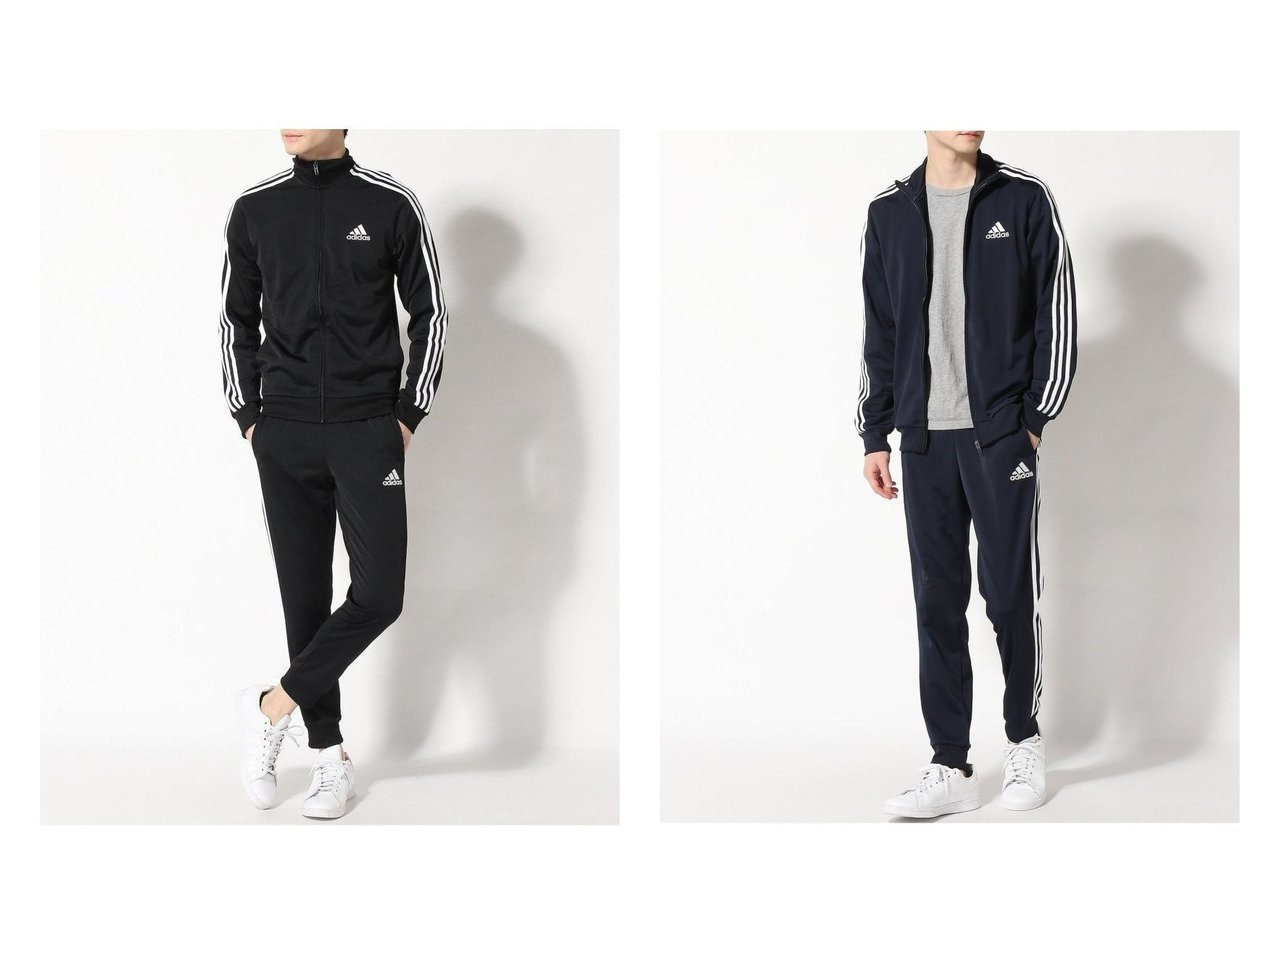 【adidas Sports Performance / MEN/アディダス スポーツ パフォーマンス】のPRIMEGREEN エッセンシャルズ 3ストライプス トラックスーツ Primegreen Essentials 3-Stripes Track Suit アディダス 【MEN】おすすめ!人気トレンド・男性、メンズファッションの通販 おすすめで人気の流行・トレンド、ファッションの通販商品 メンズファッション・キッズファッション・インテリア・家具・レディースファッション・服の通販 founy(ファニー) https://founy.com/ ファッション Fashion メンズファッション MEN クラシック ジャケット ジャージ スポーツ スーツ セットアップ ビンテージ フィット ポケット ミックス 水着 レギュラー |ID:crp329100000028986